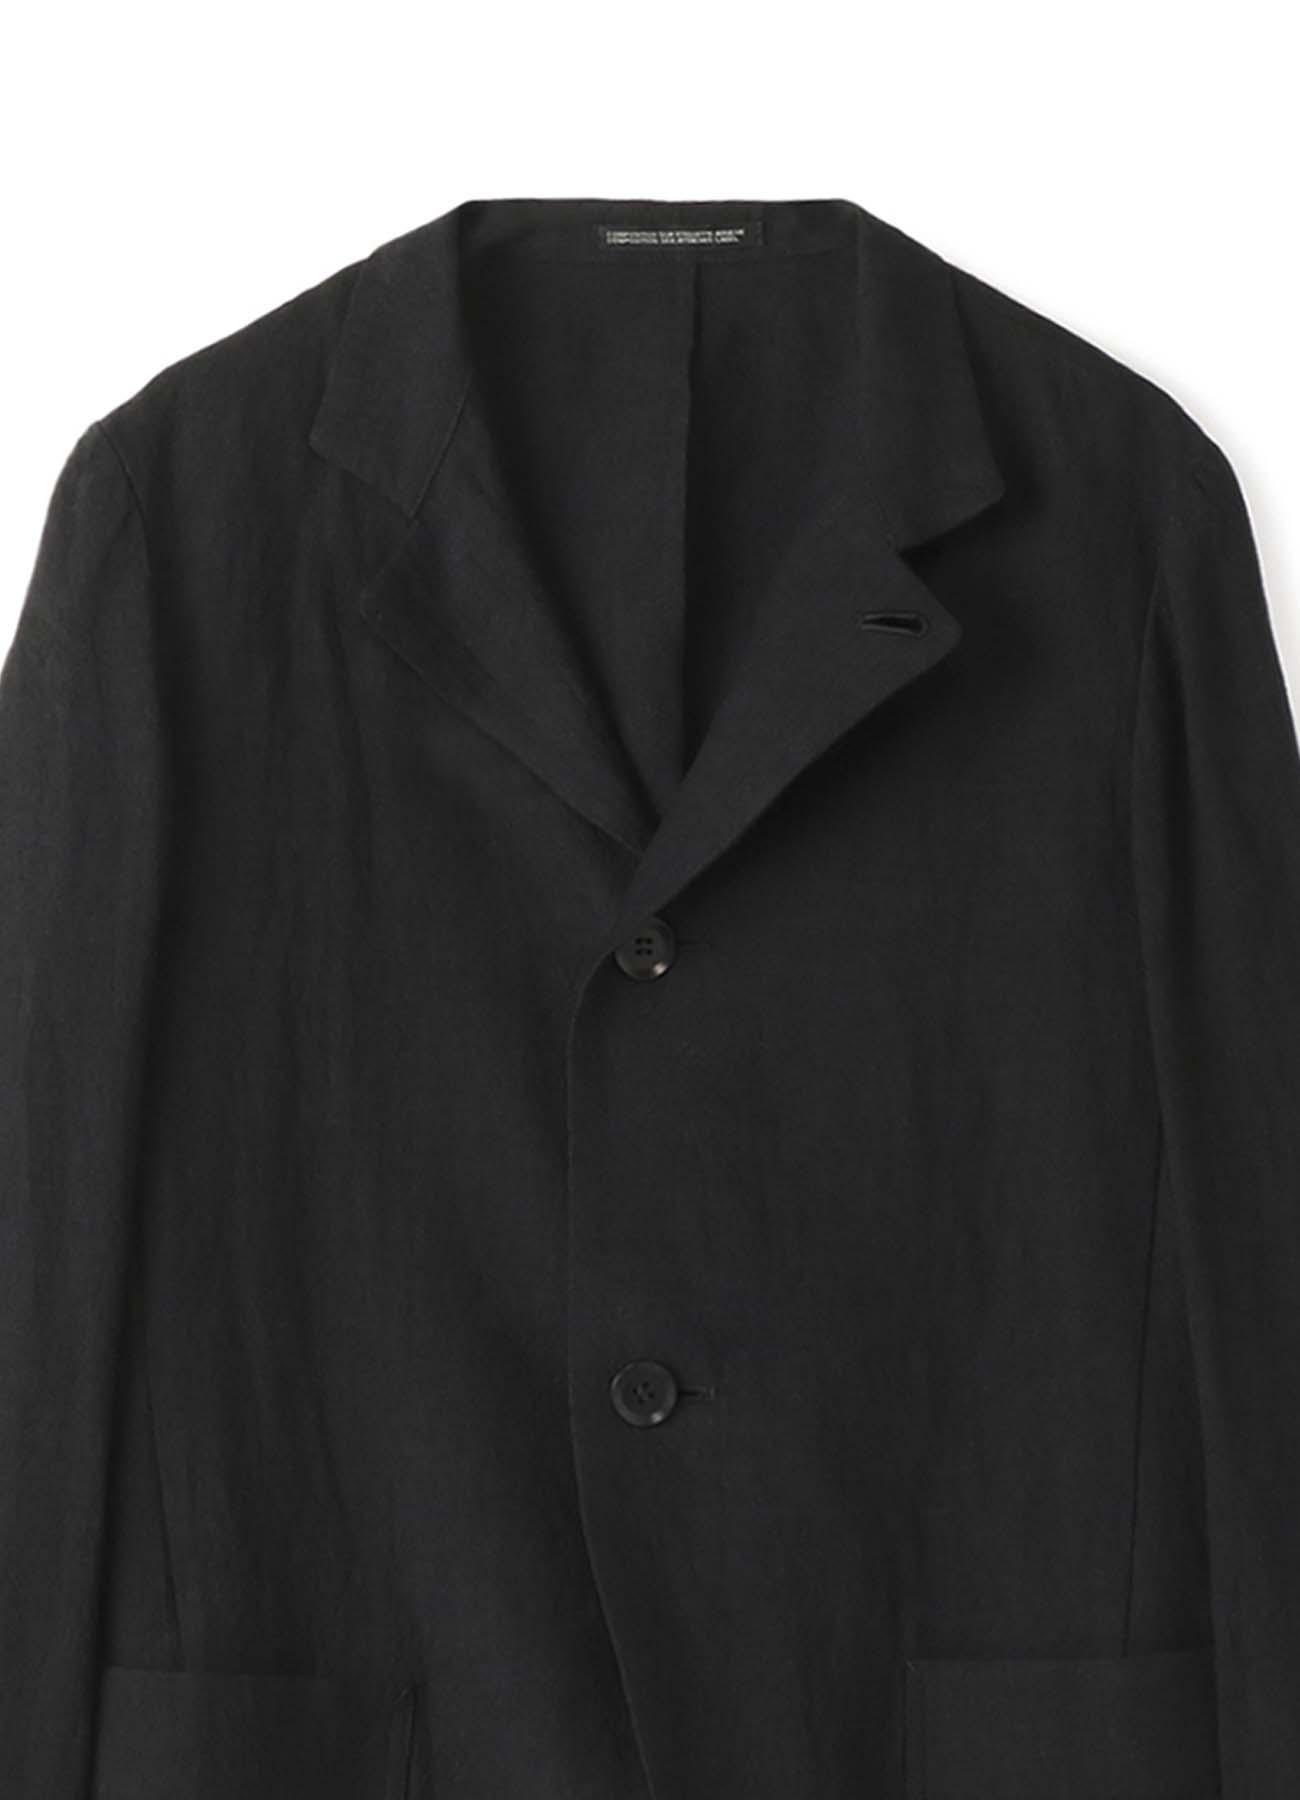 硫化クロス スタンドスリムジャケット